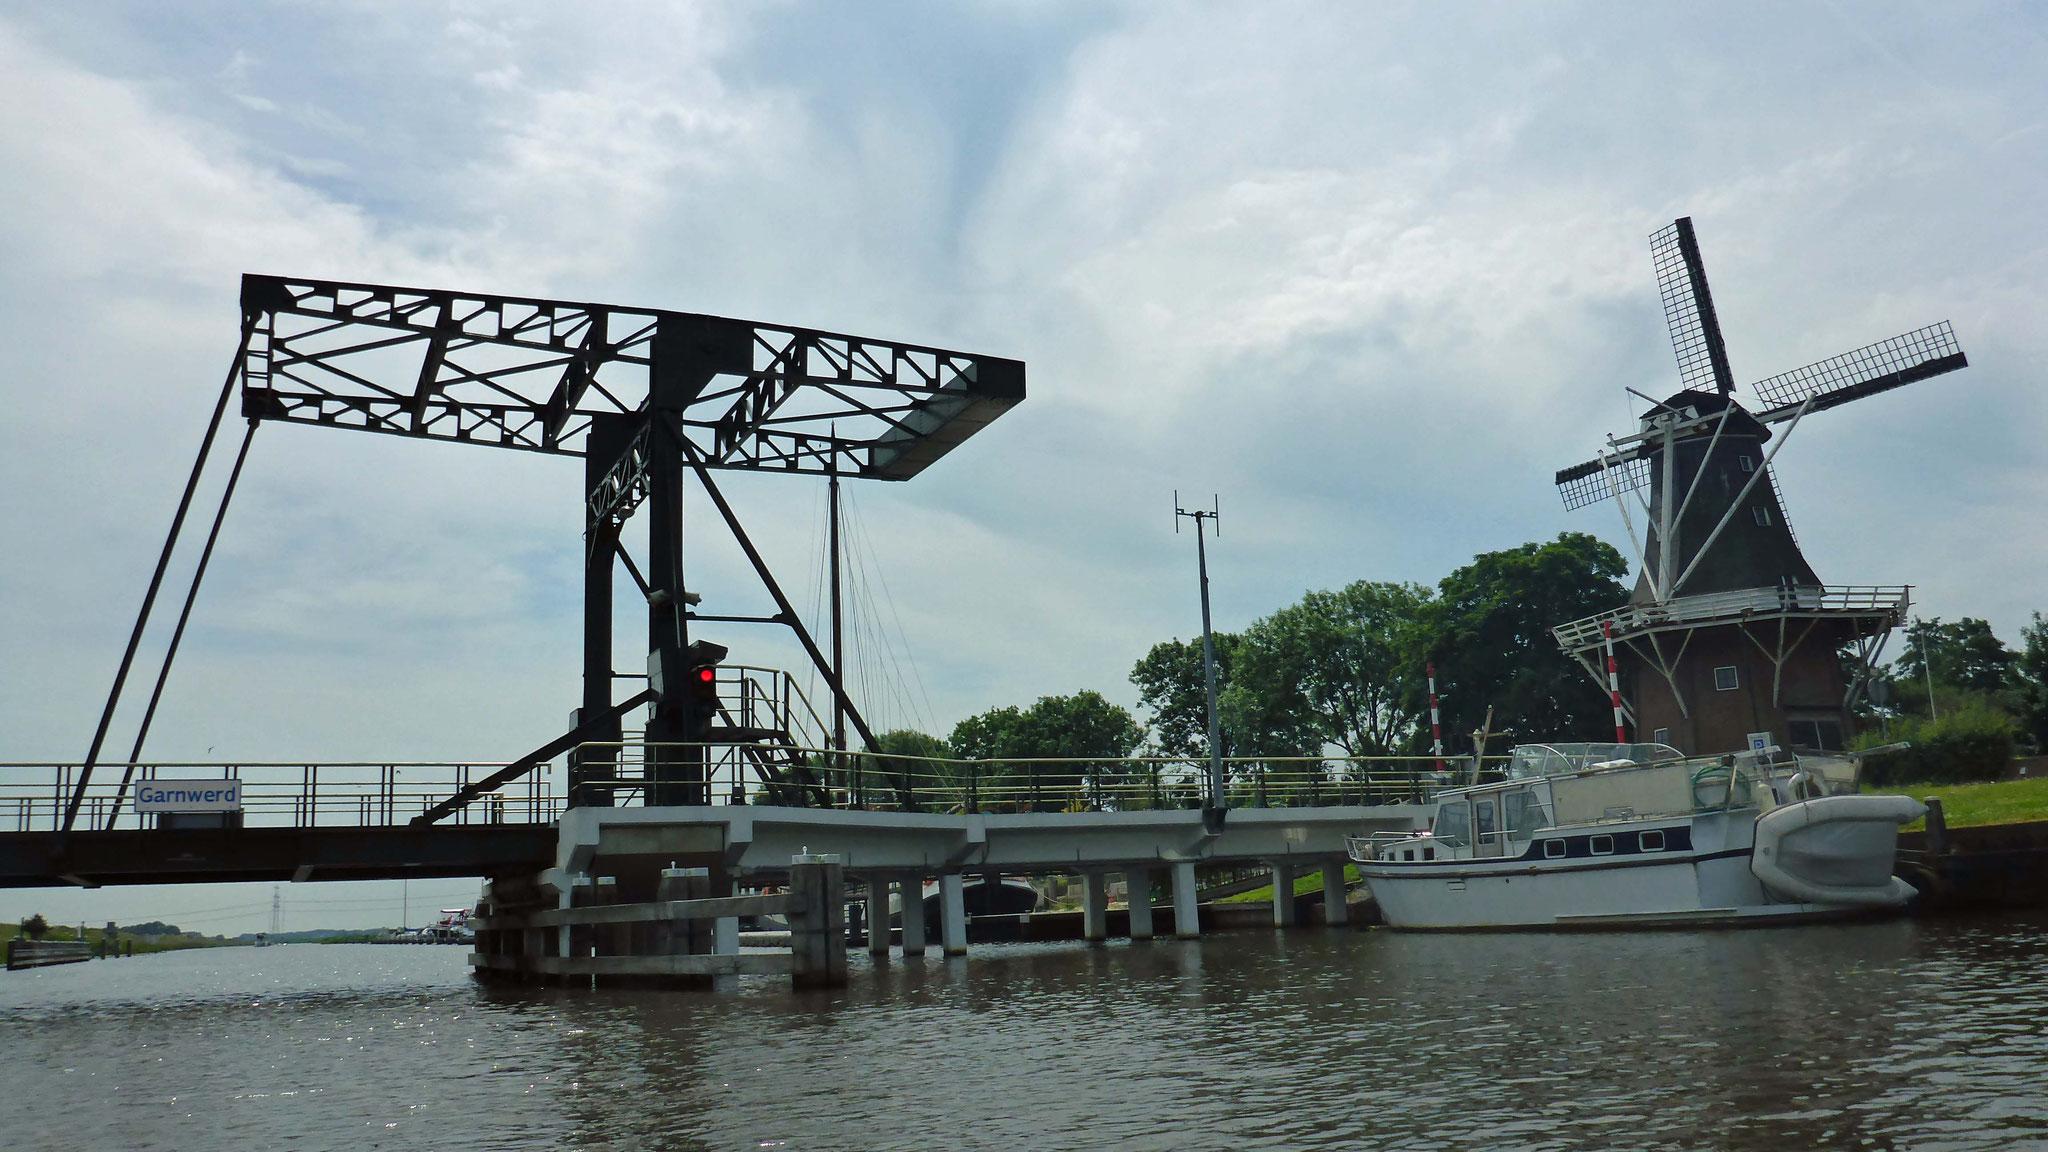 Garnwerd: Mühle und Brücke.